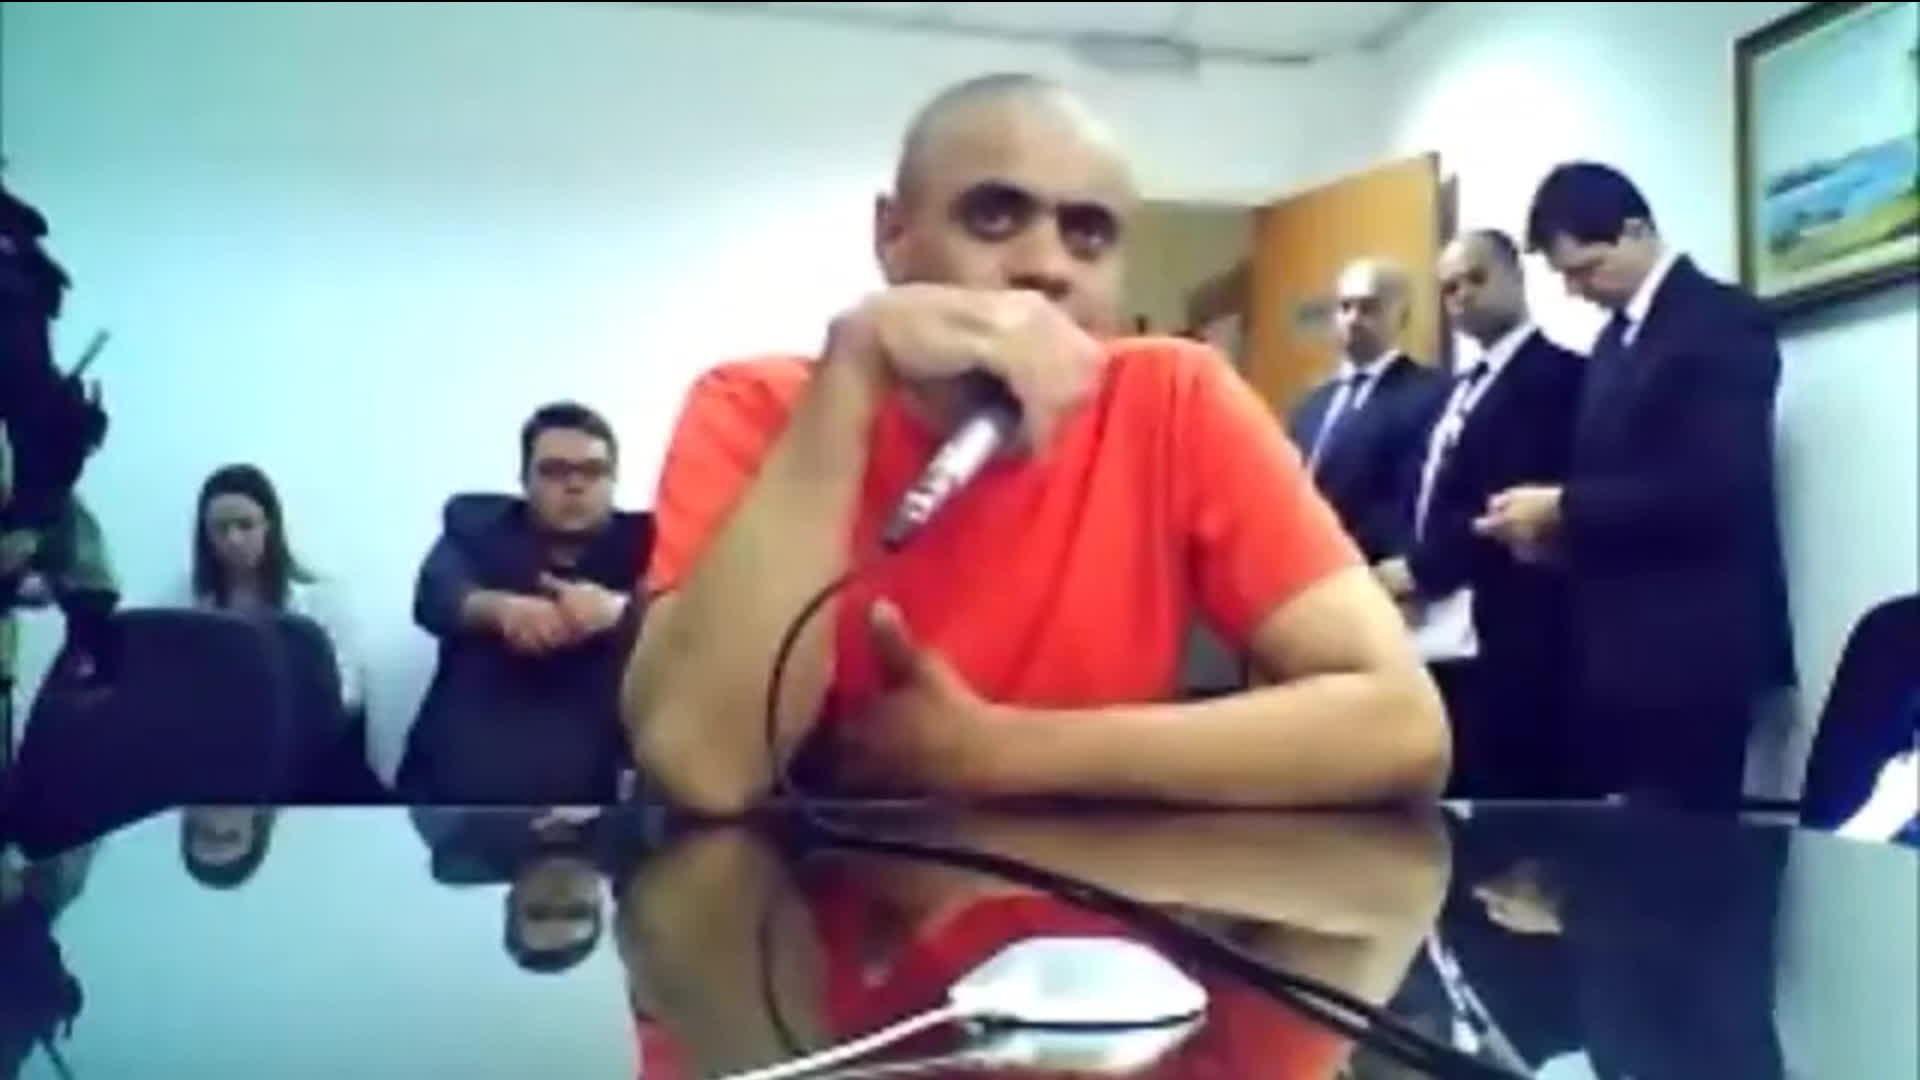 Juiz dá sentença e converte prisão preventiva de Adélio Bispo em internação provisória - Notícias - Plantão Diário